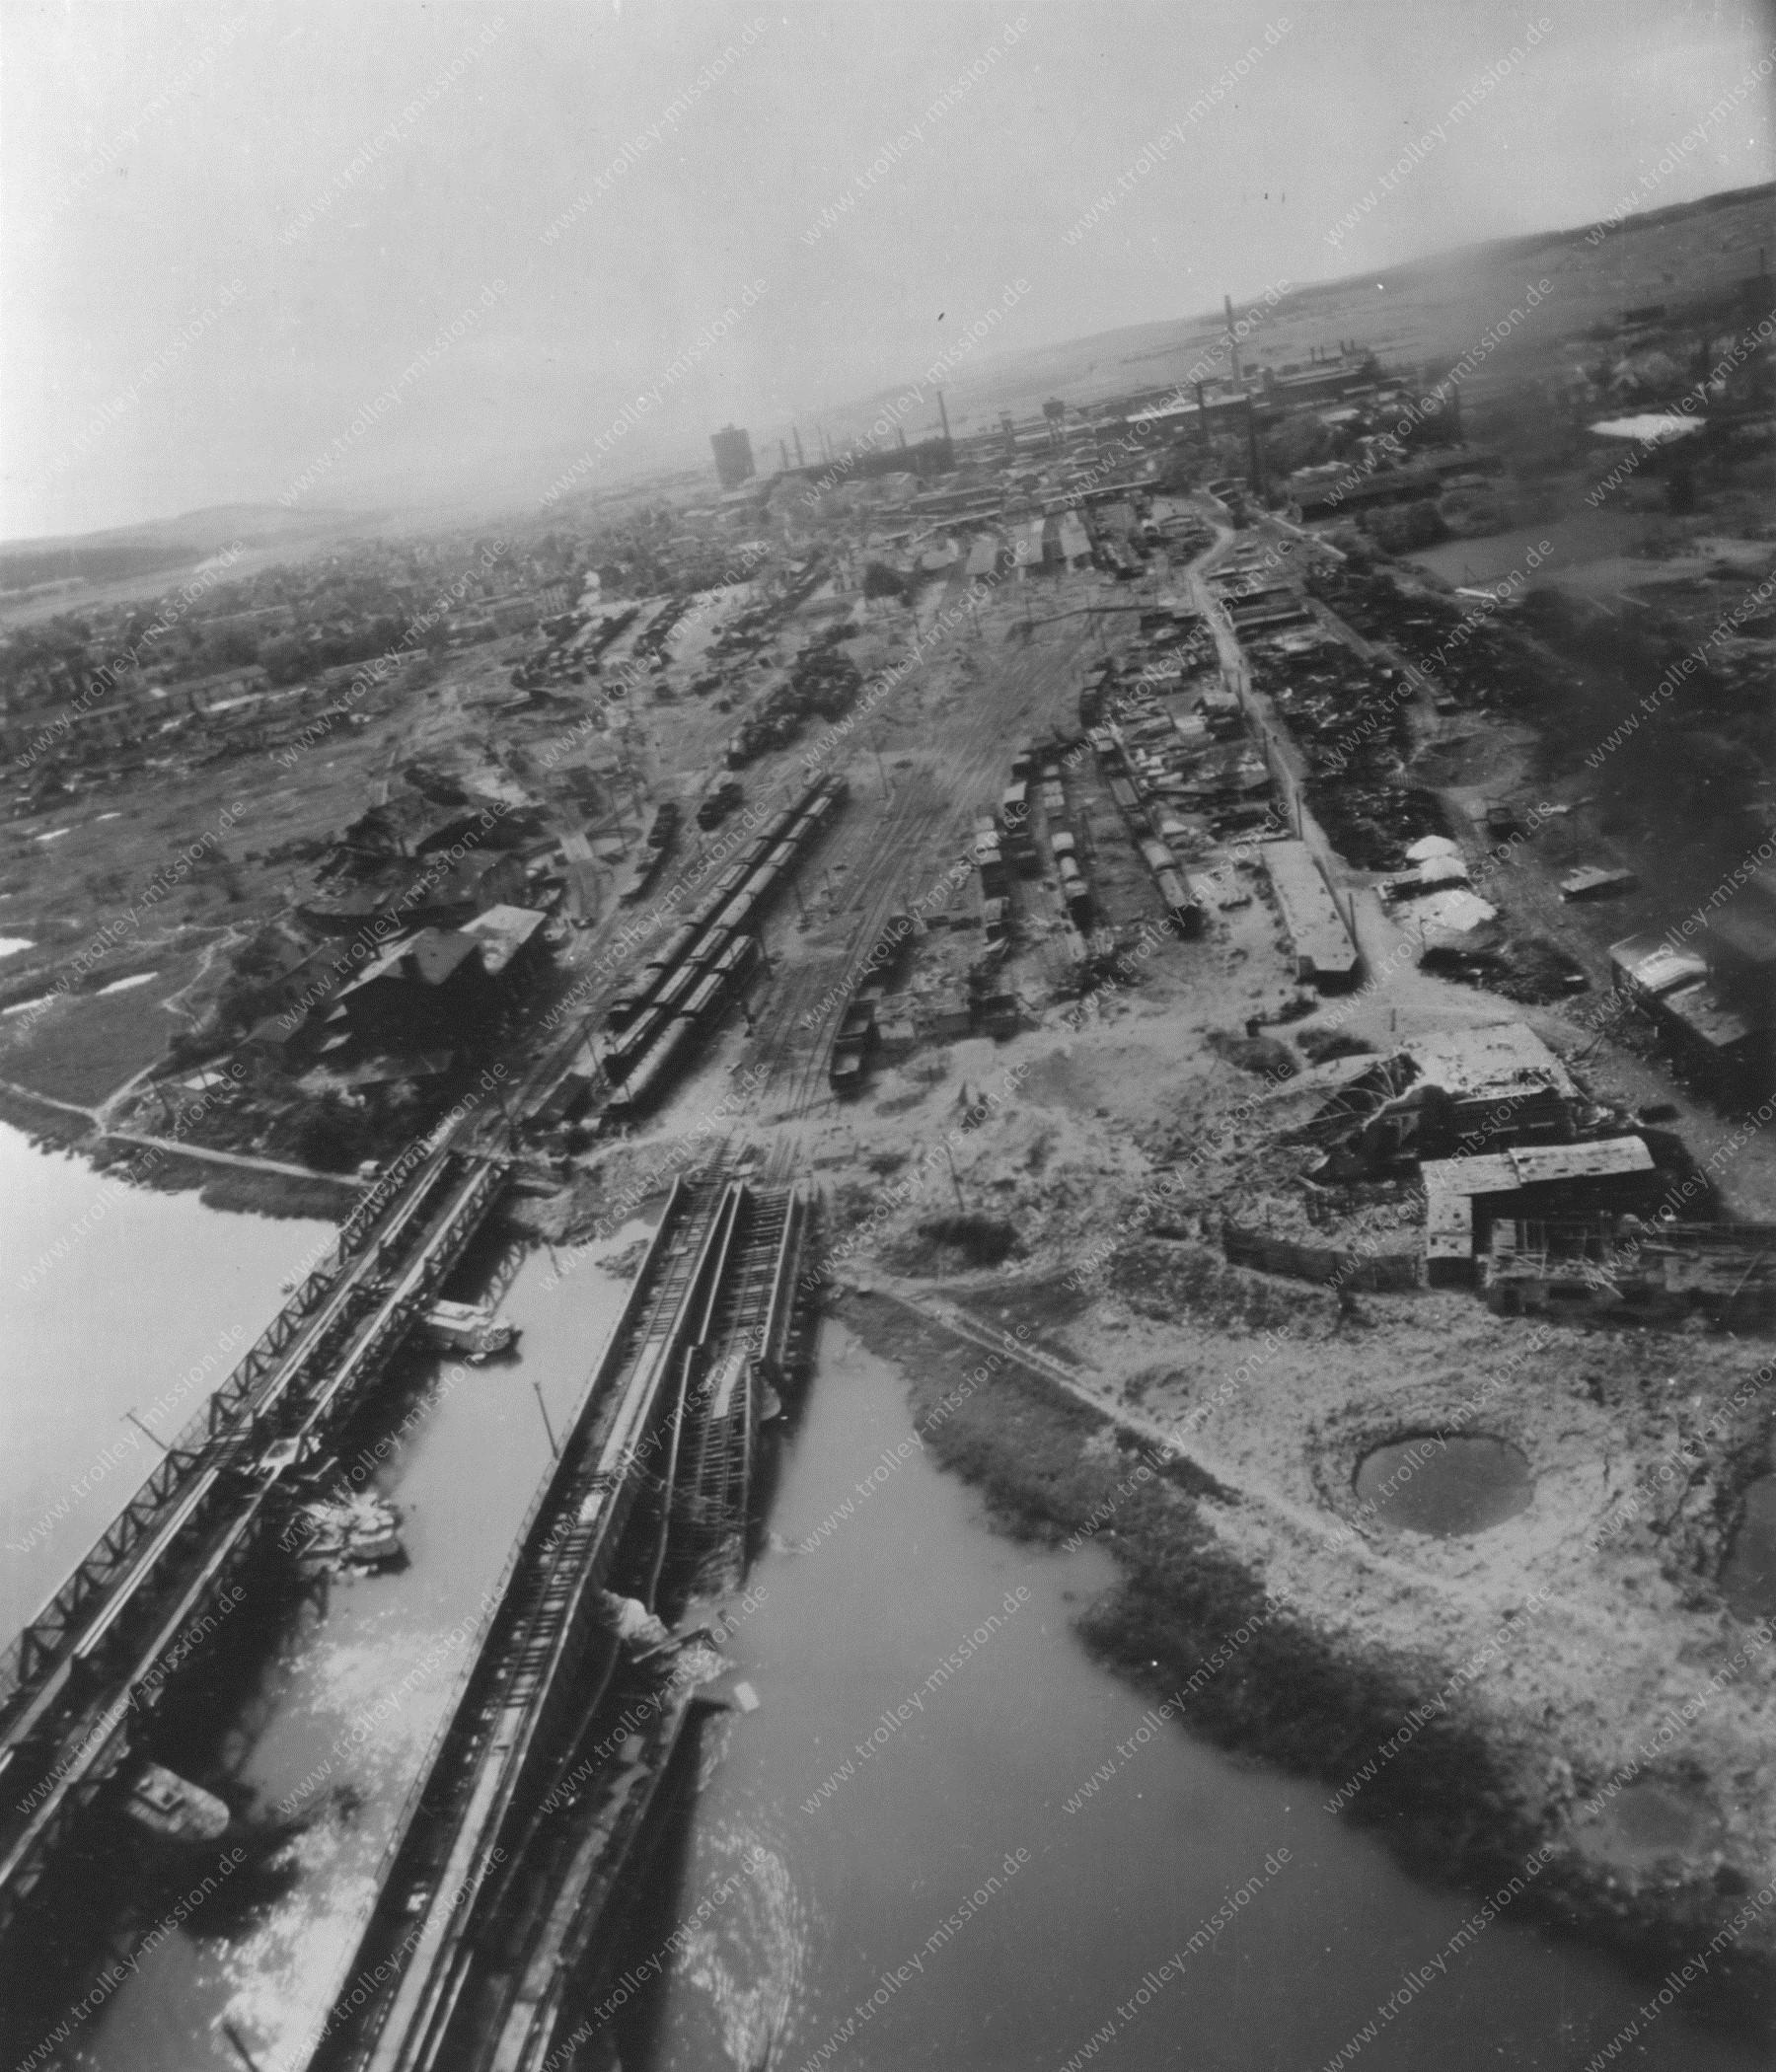 Luftaufnahme von Wetzlar nach dem Zweiten Weltkrieg auf Höhe der Eisenbahnbrücken über die Lahn